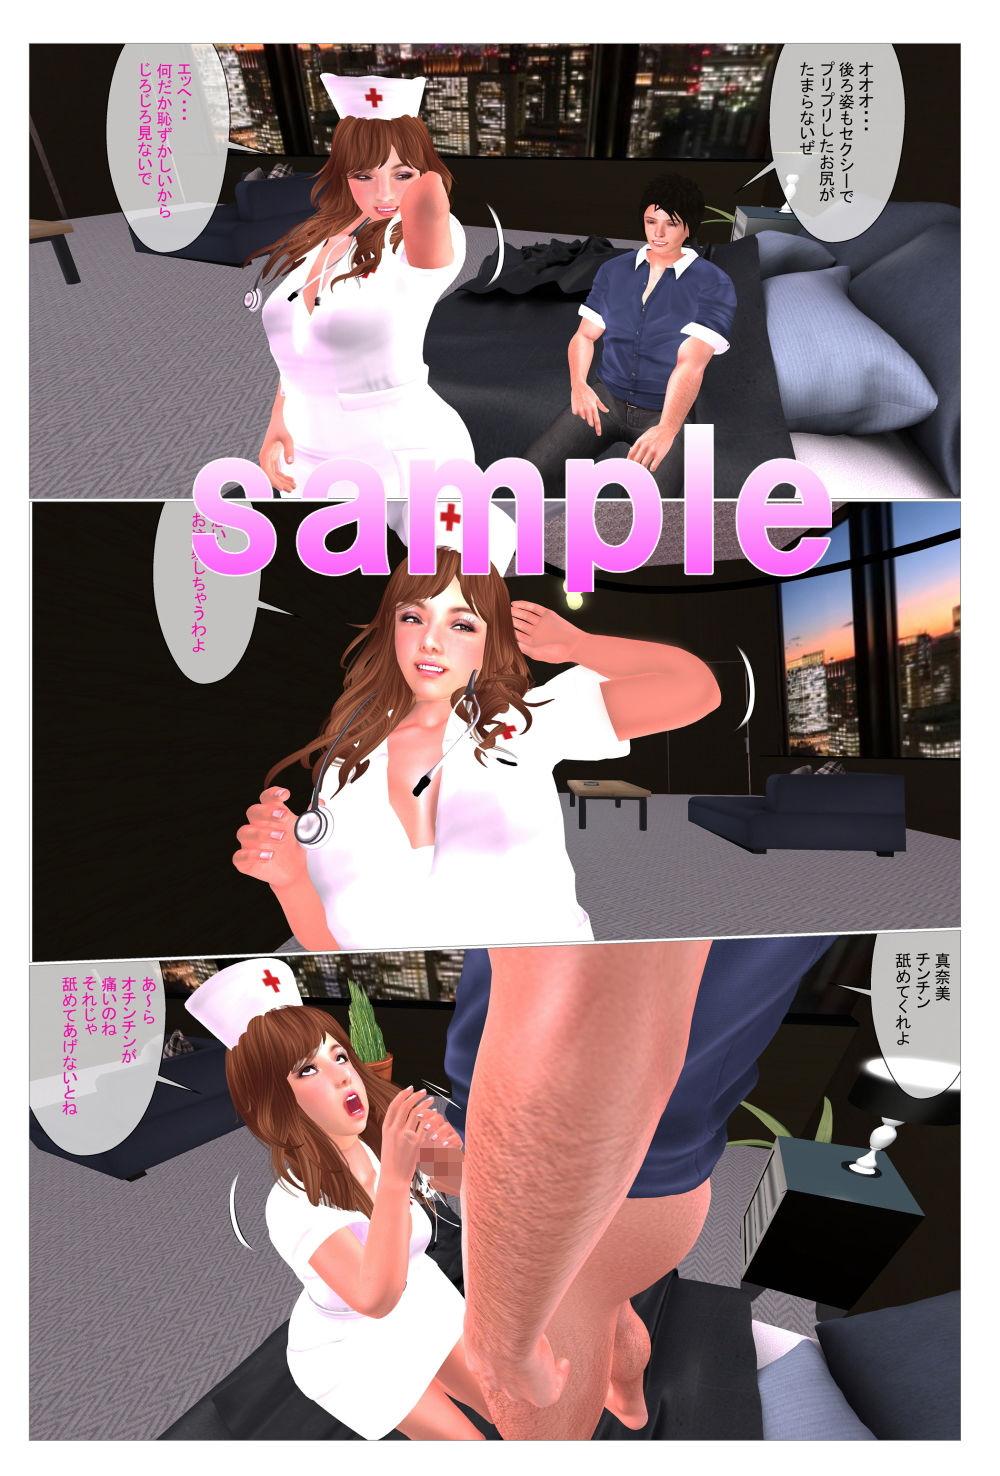 【Angel 同人】コスプレにはまったエロカップルが役になりきりエッチ三昧!!